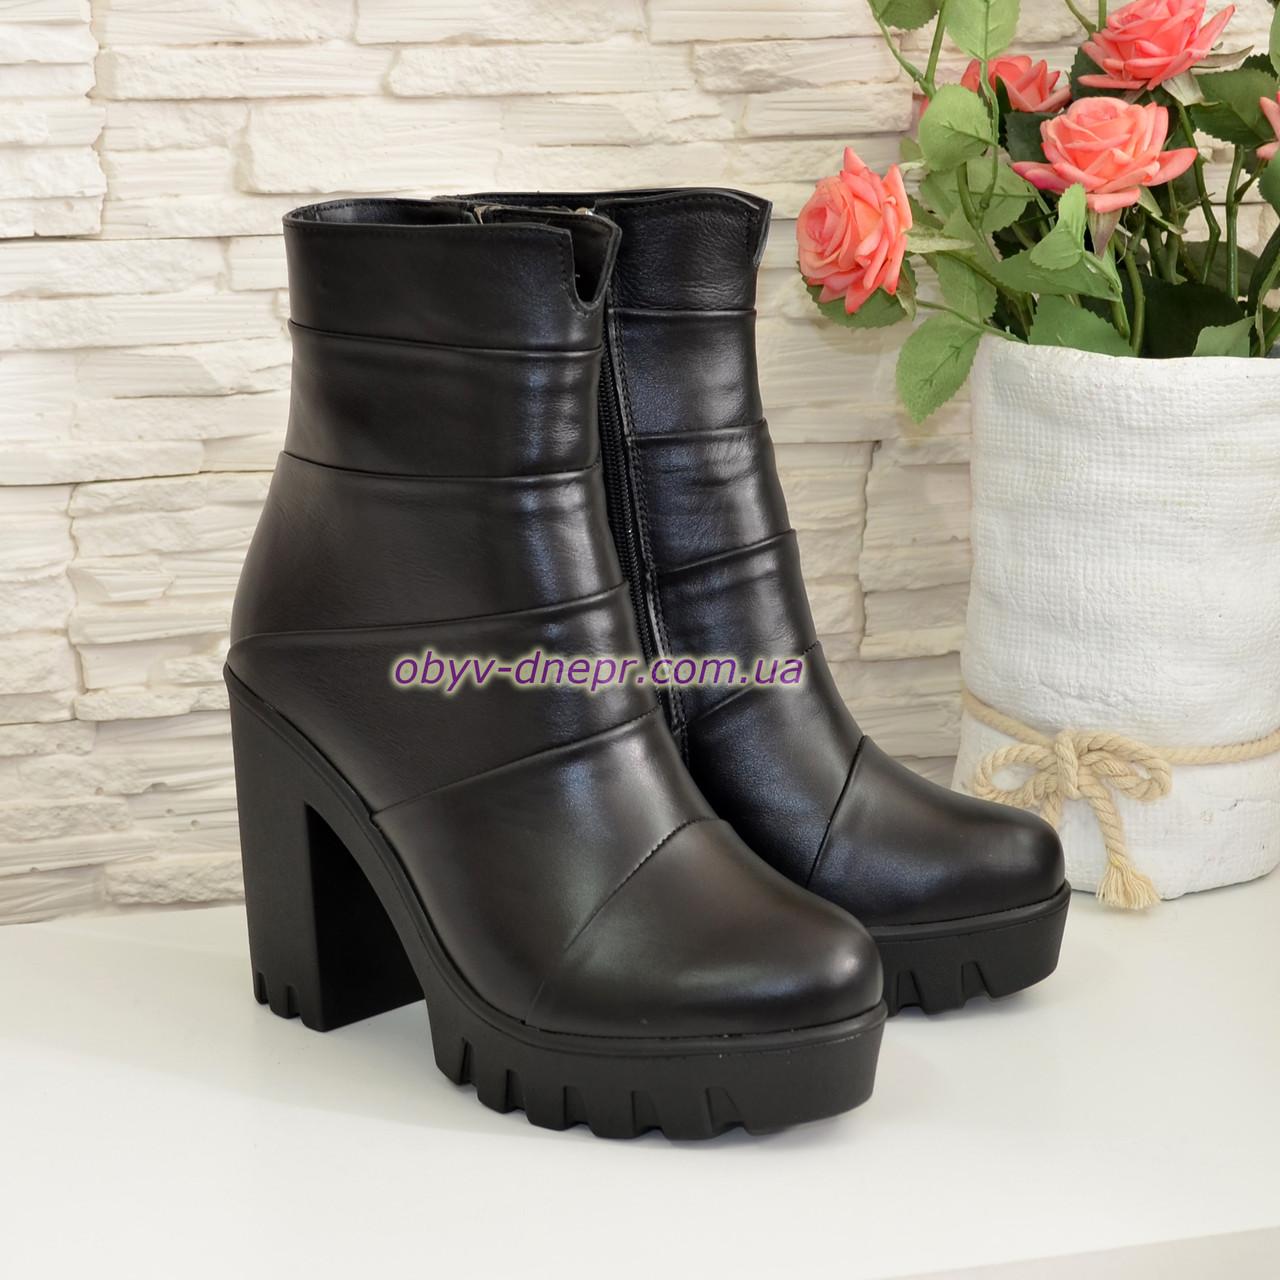 Женские демисезонные ботинки на тракторной подошве, натуральная кожа